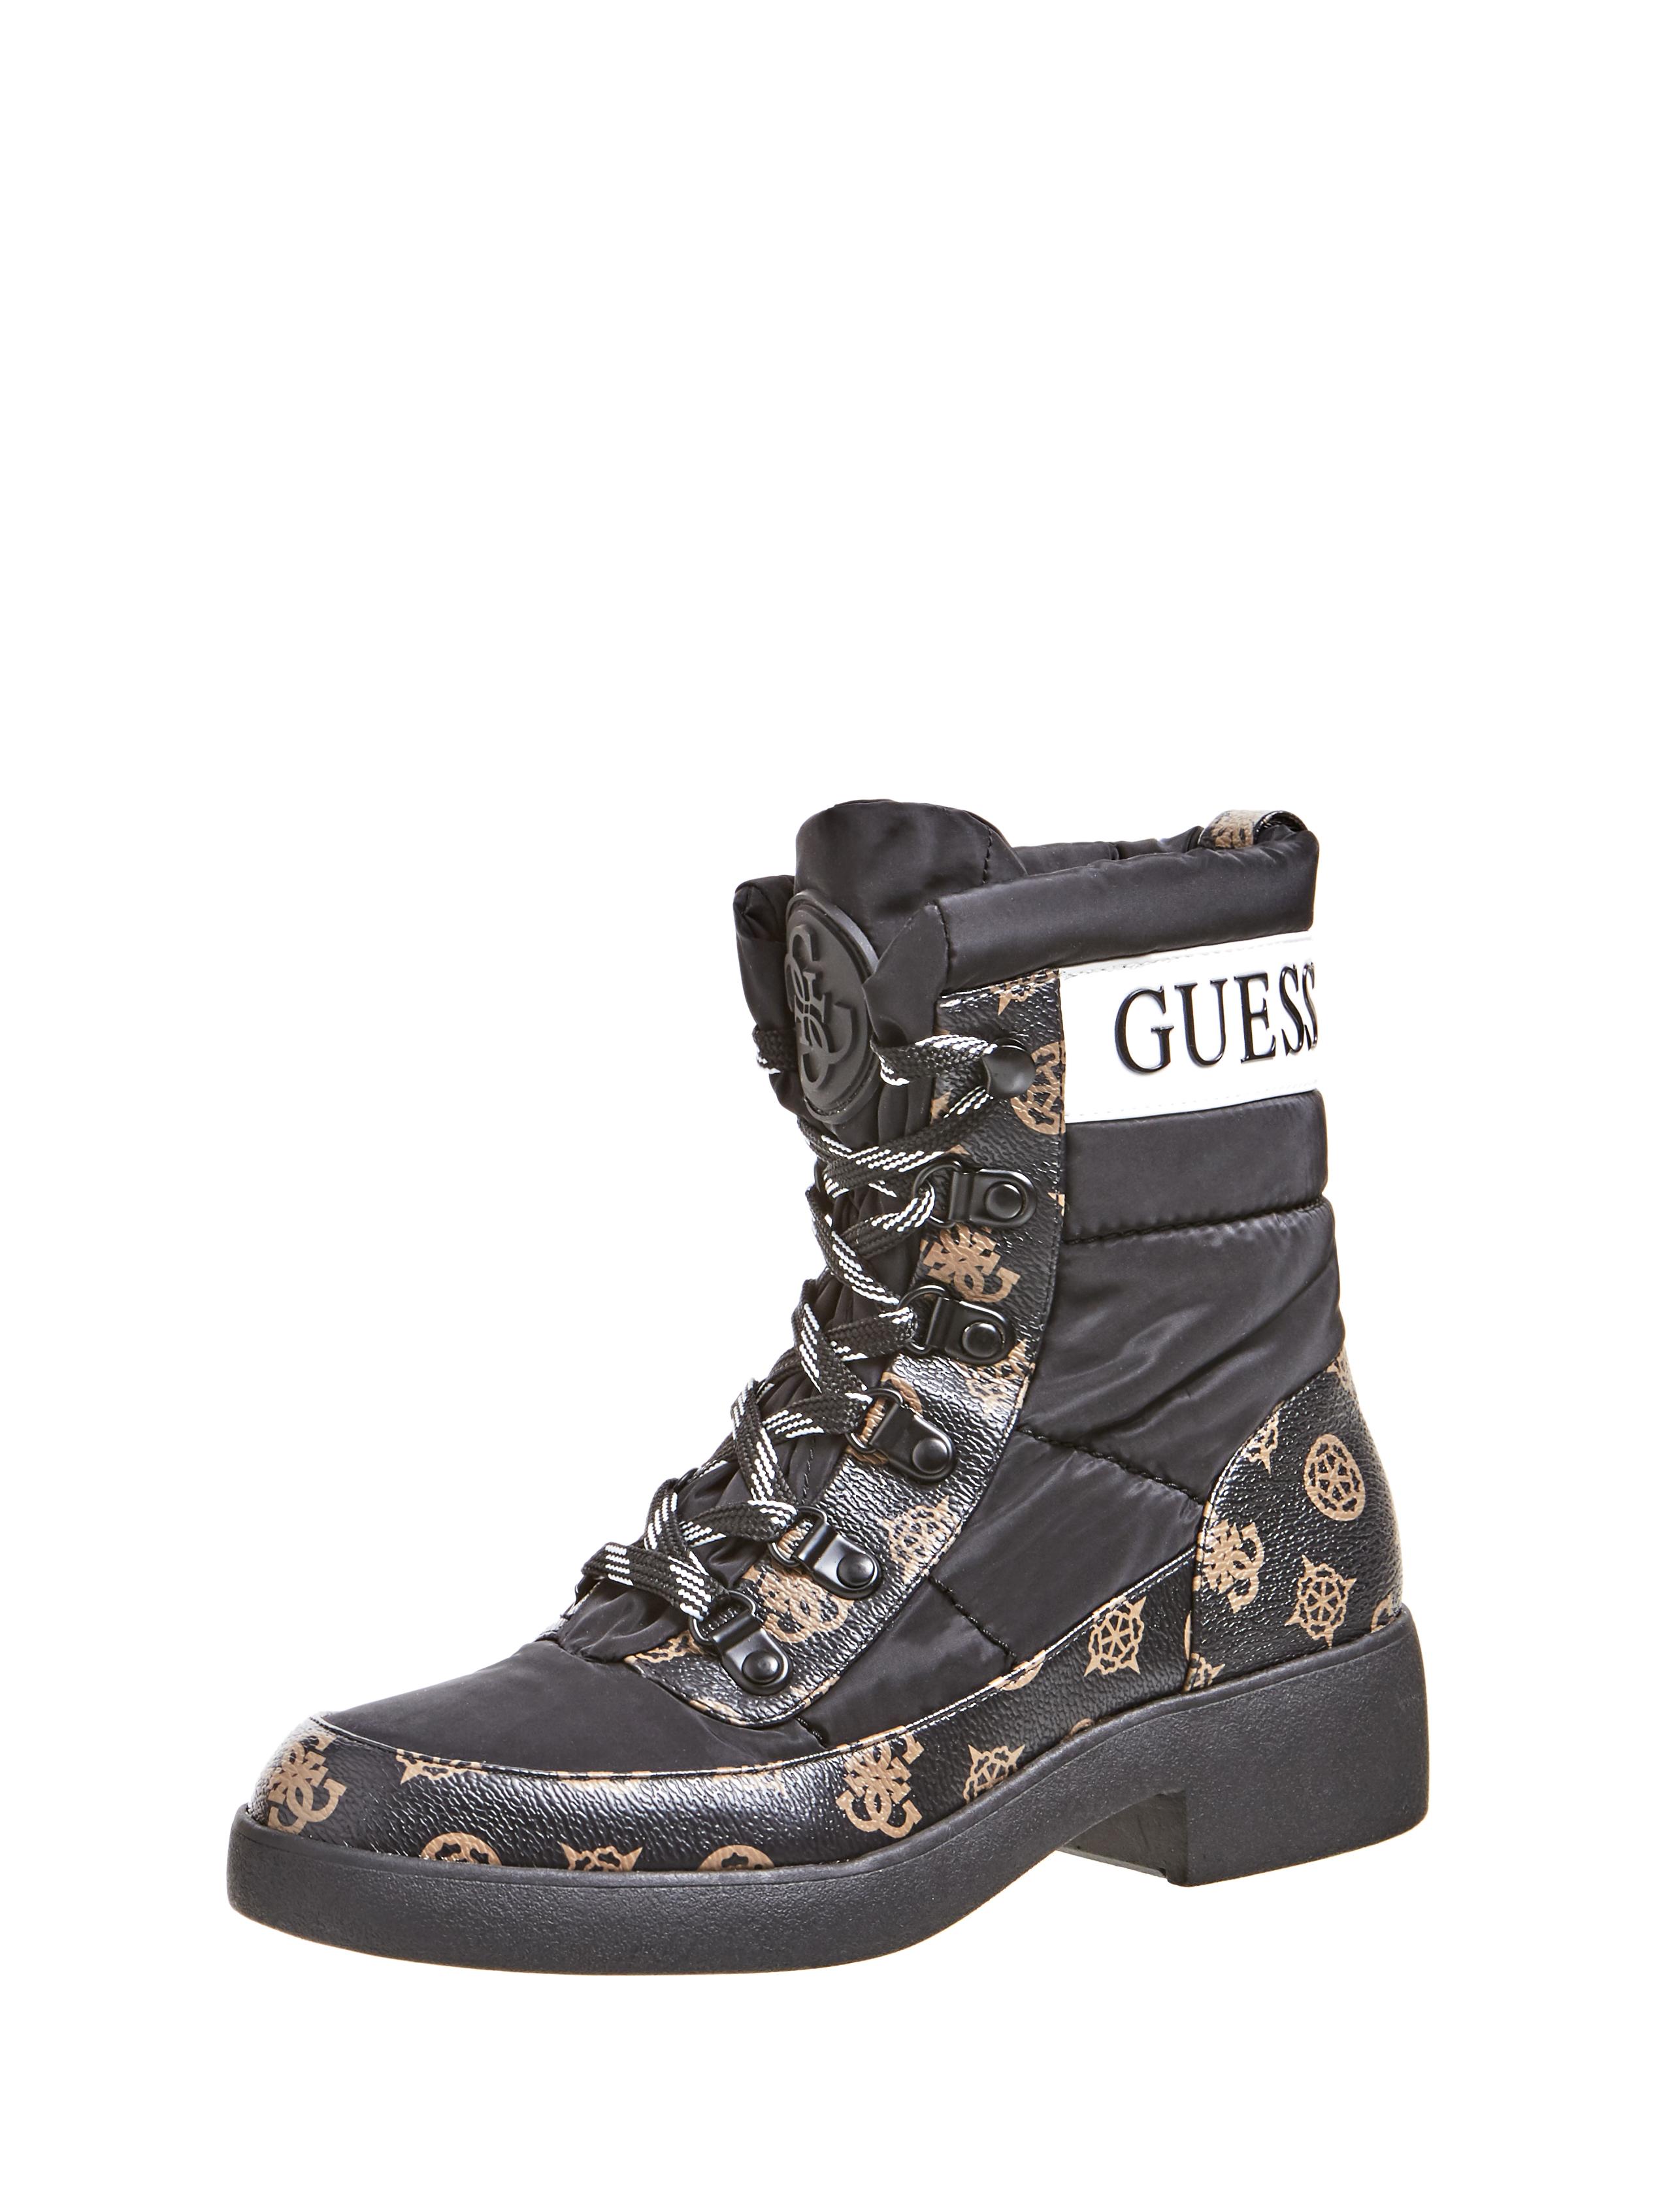 GUESS%20Footwear%20 %20FL8ANIFAB10 BLACK - GUESS presenta sus accesorios de hombre y mujer para temporada Otoño-Invierno 2020